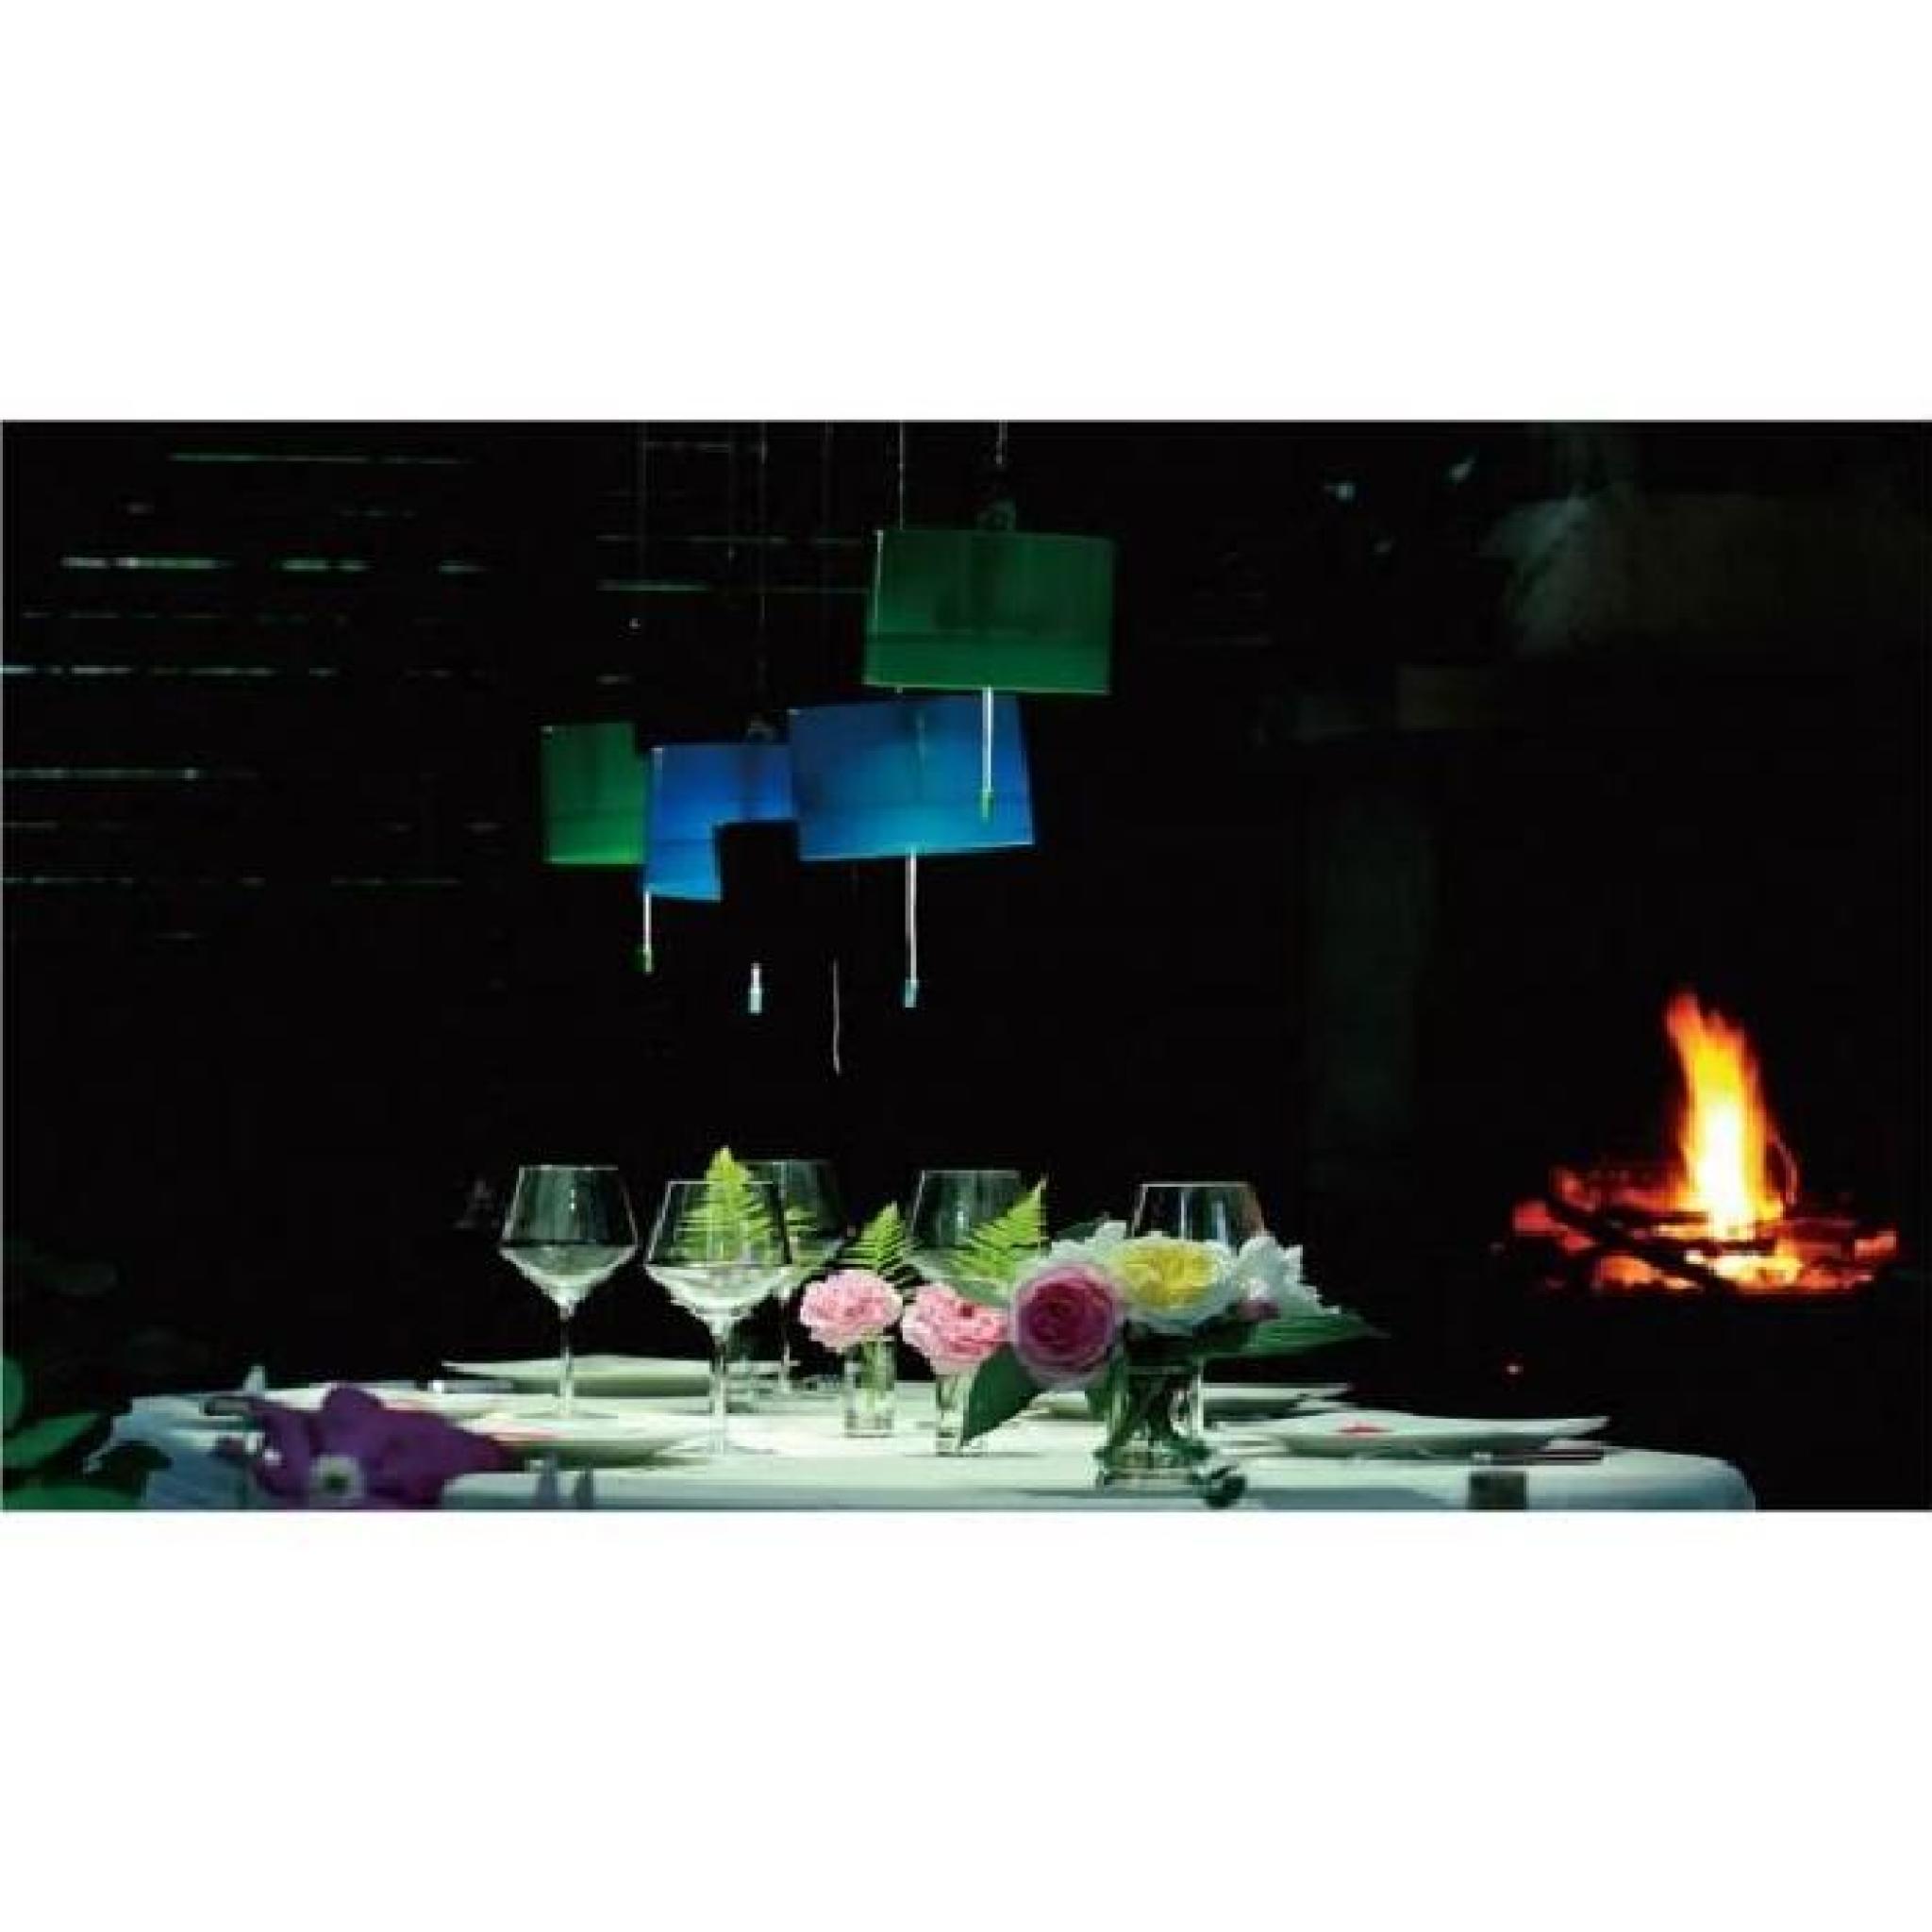 Lampe solaire suspendre de couleur verte achat vente - Lampe solaire jardin couleur changeante ...